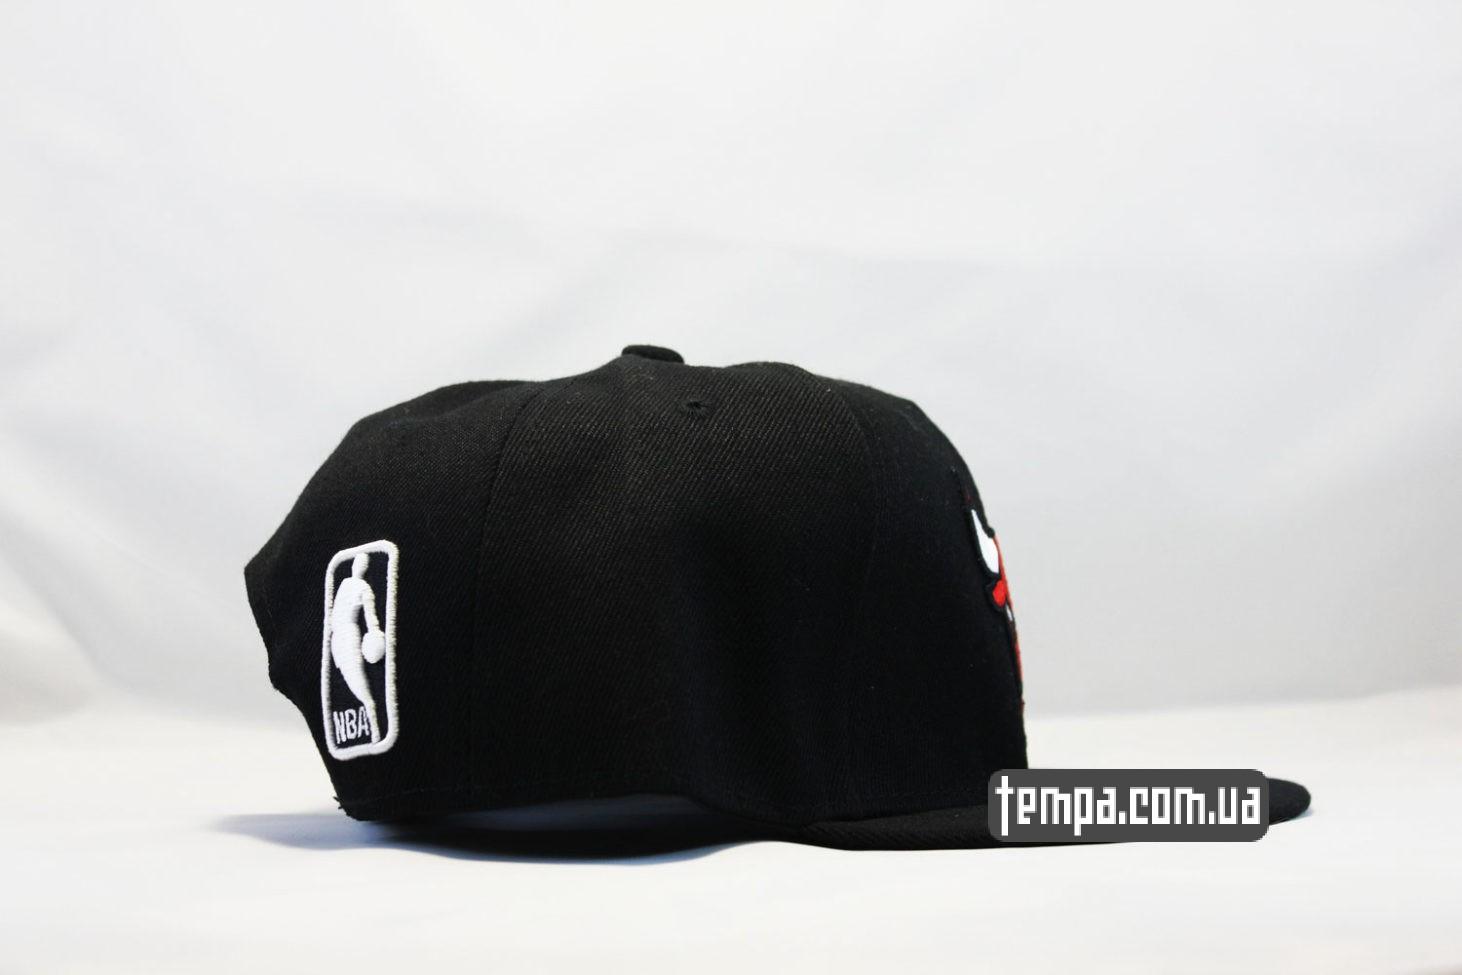 NBA баскетбольная AND1 кепка snapback Chicago Bulls New Era 9fifty черная с быком